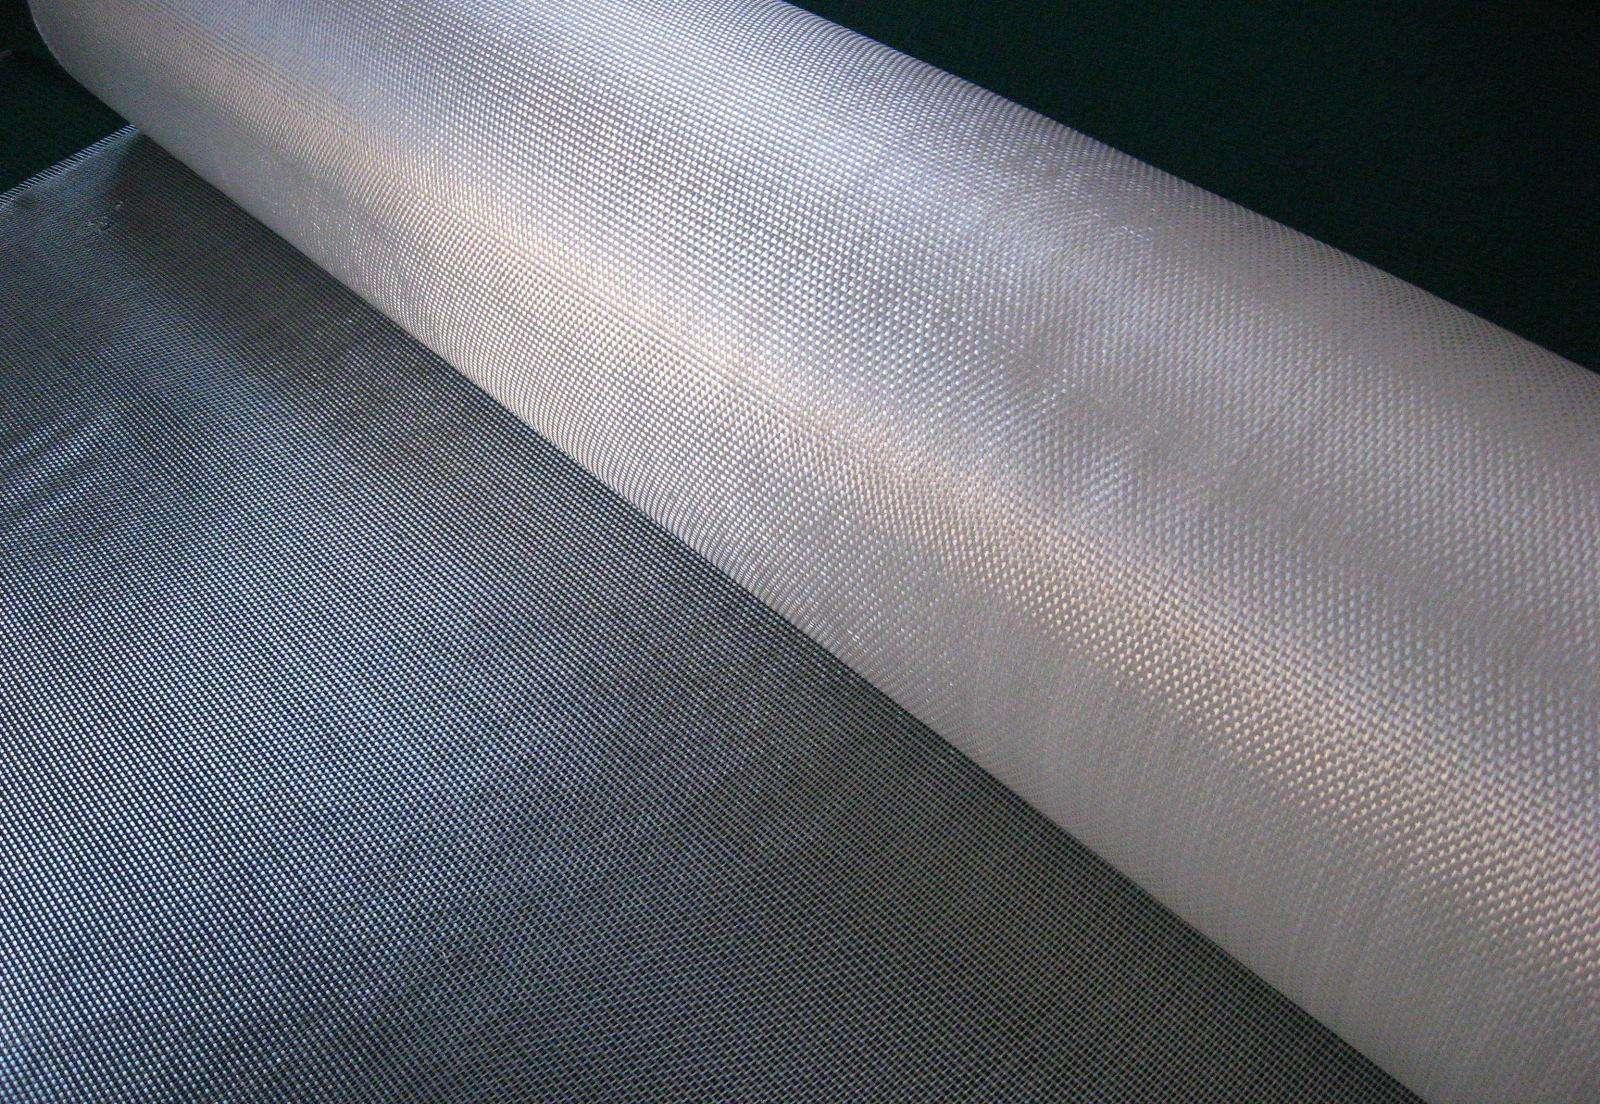 玻璃布厂家/佛山玻璃布价格/佛山玻璃布厂家直销/佛山优质玻璃布生产厂家/佛山玻璃布供应商直销